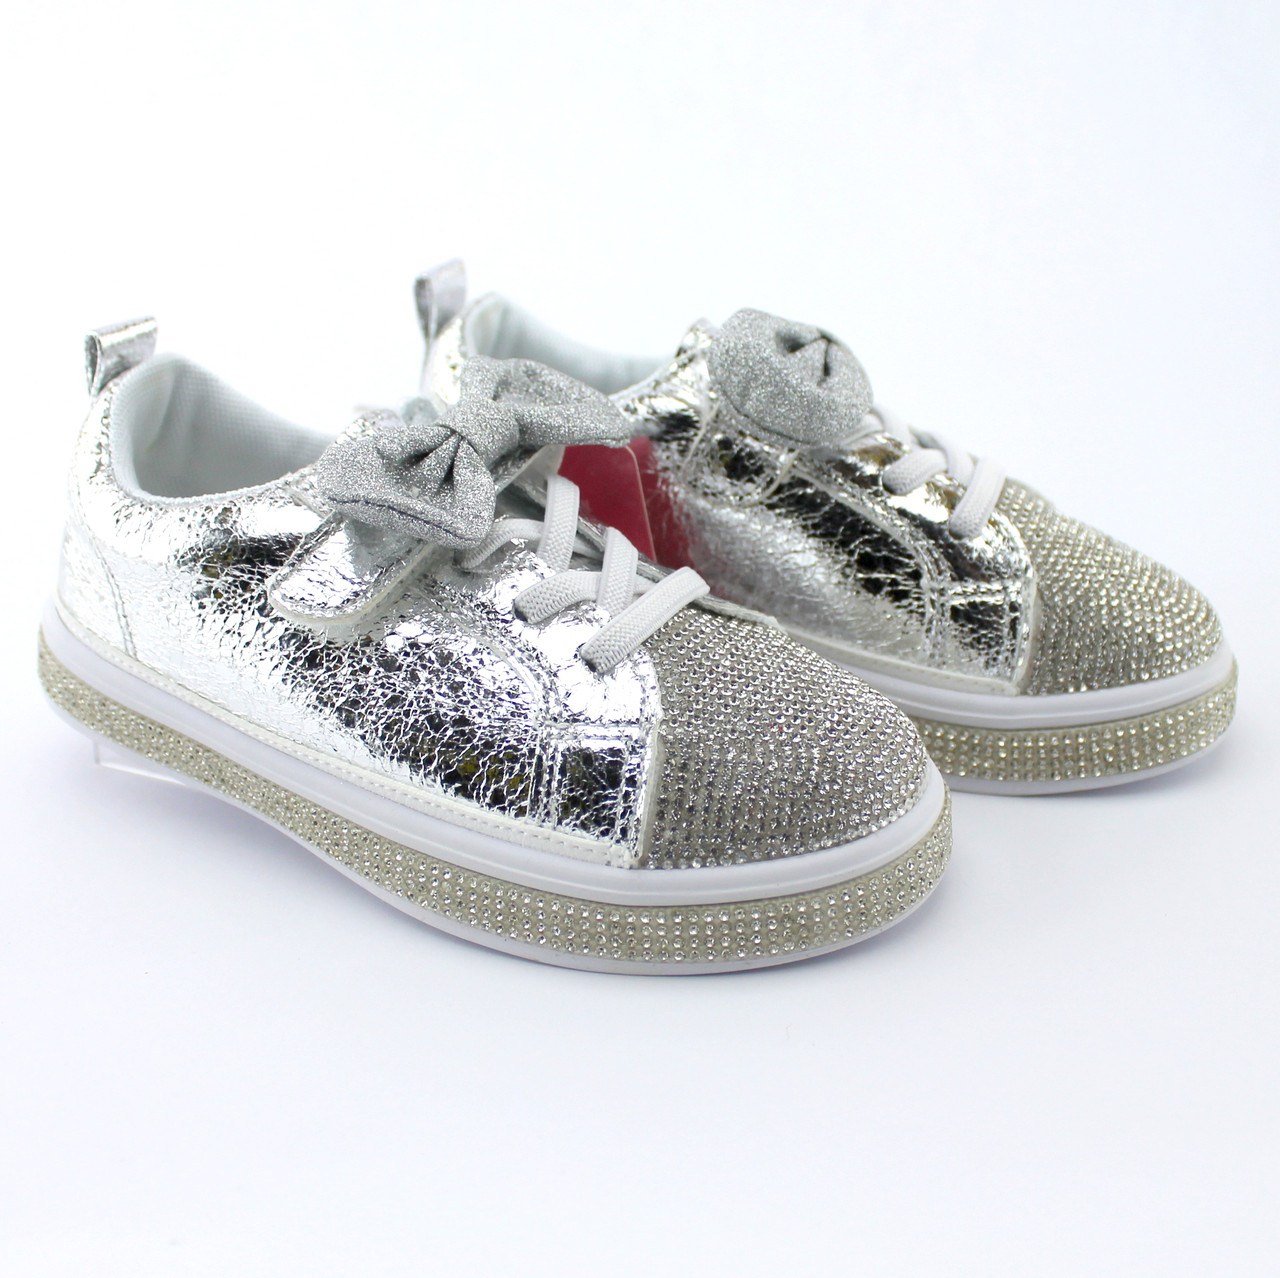 Детские кроссовки слипоны на девочку Стразы Бантик бренд Томм размер 26,28